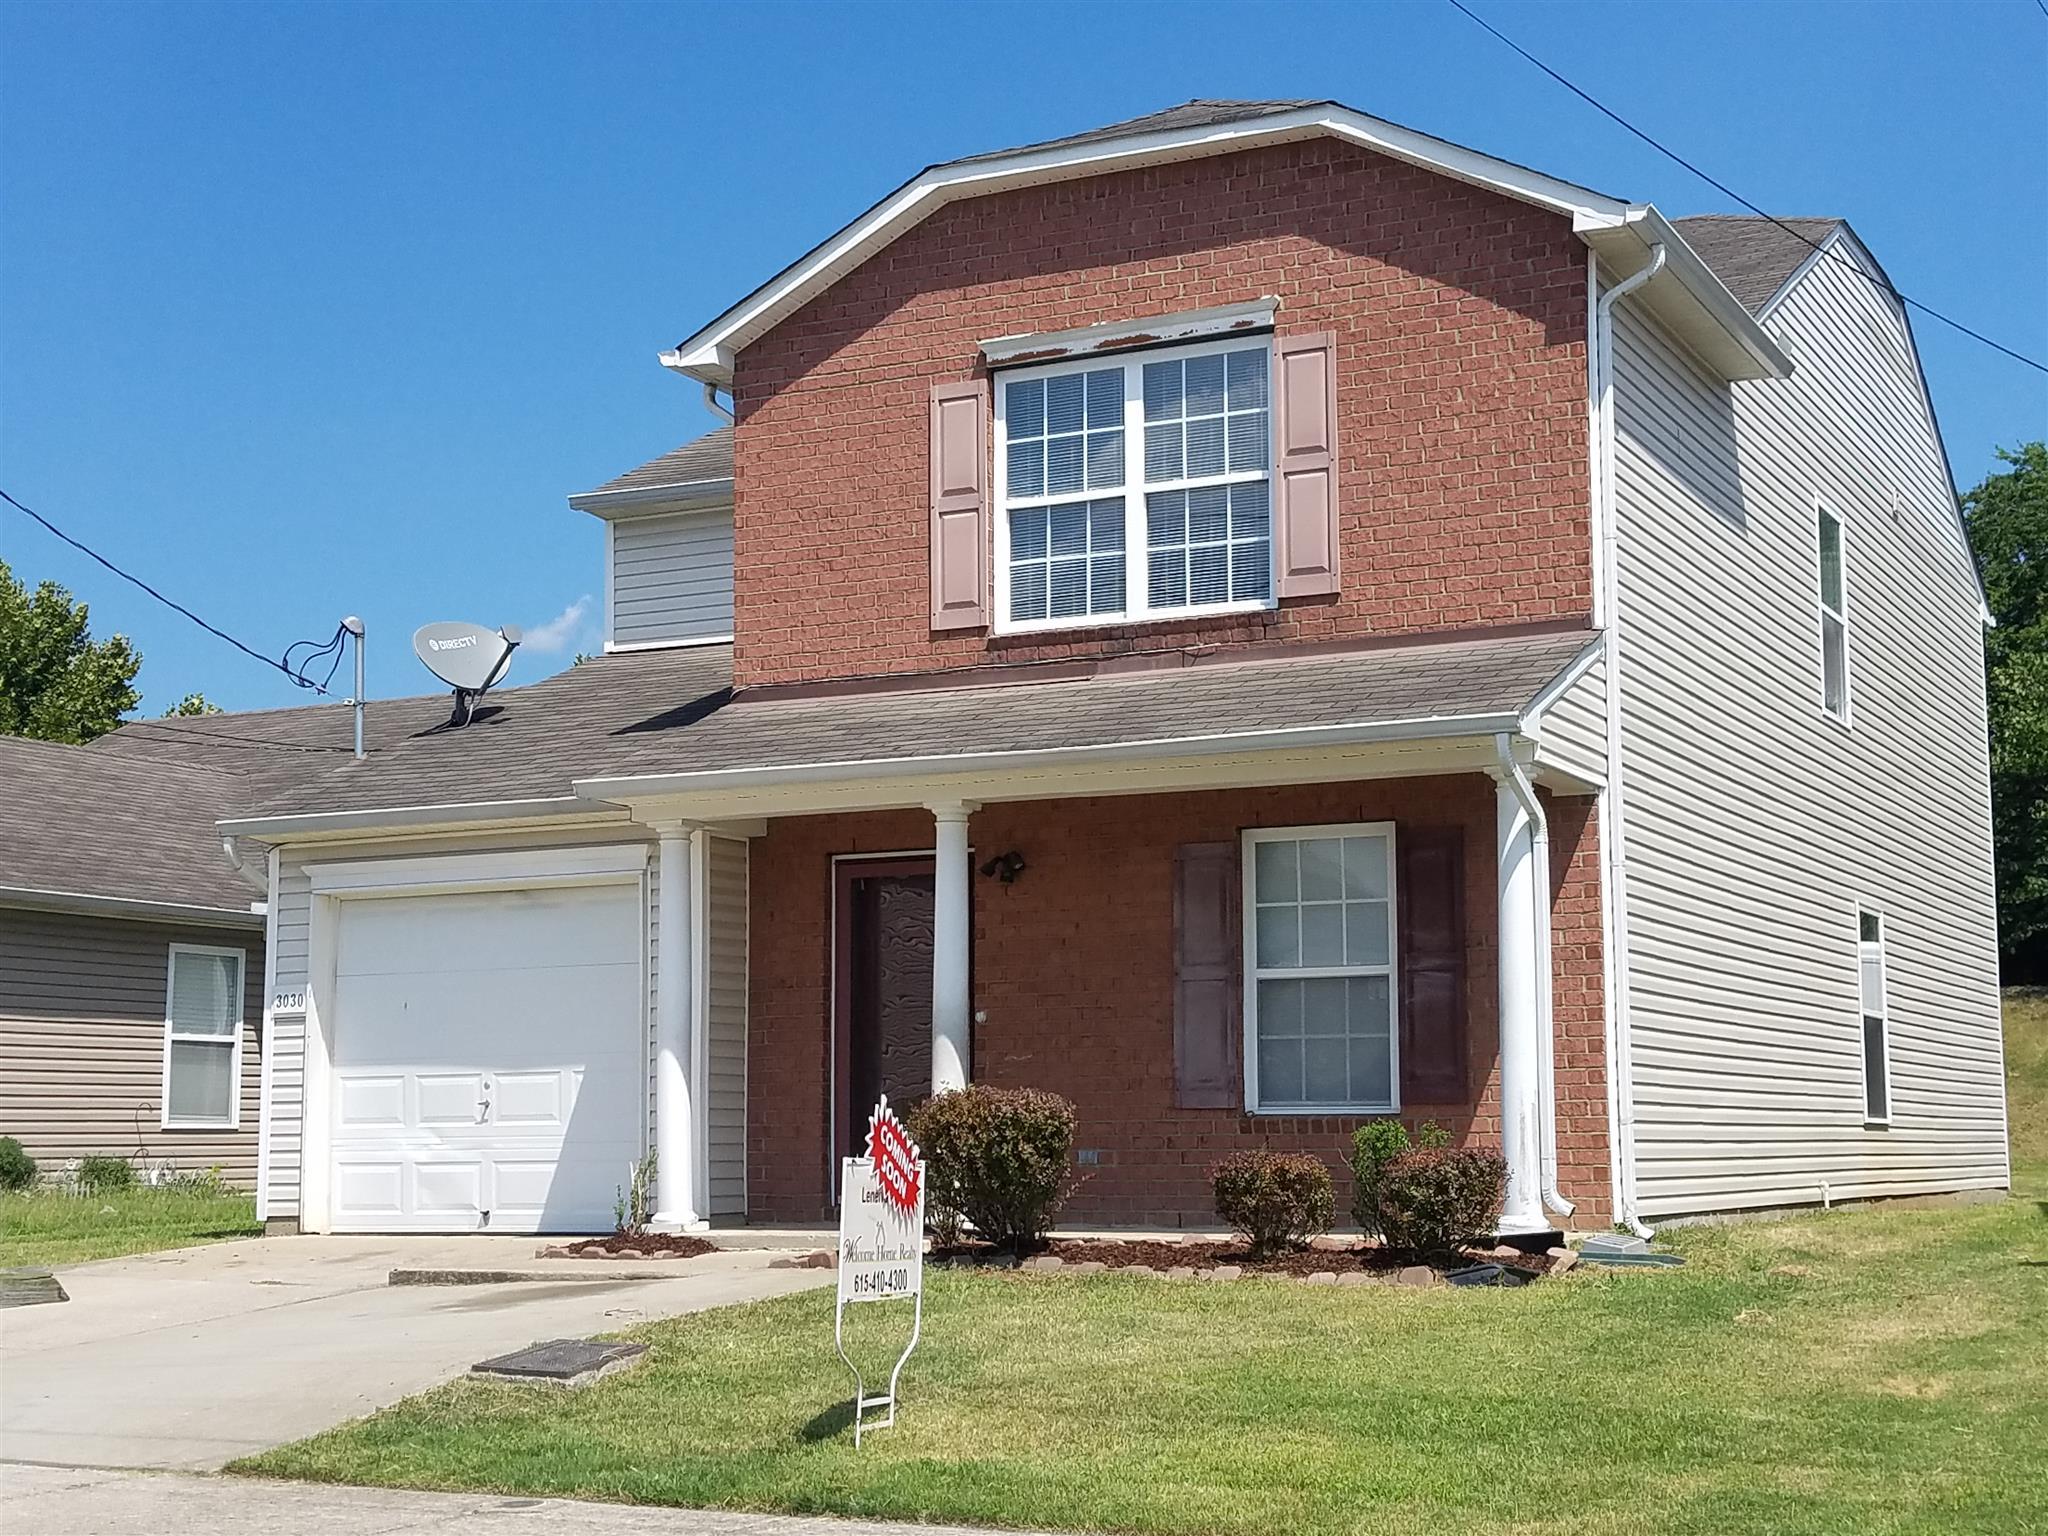 3030 Ewingdale Dr, Nashville, TN 37207 - Nashville, TN real estate listing